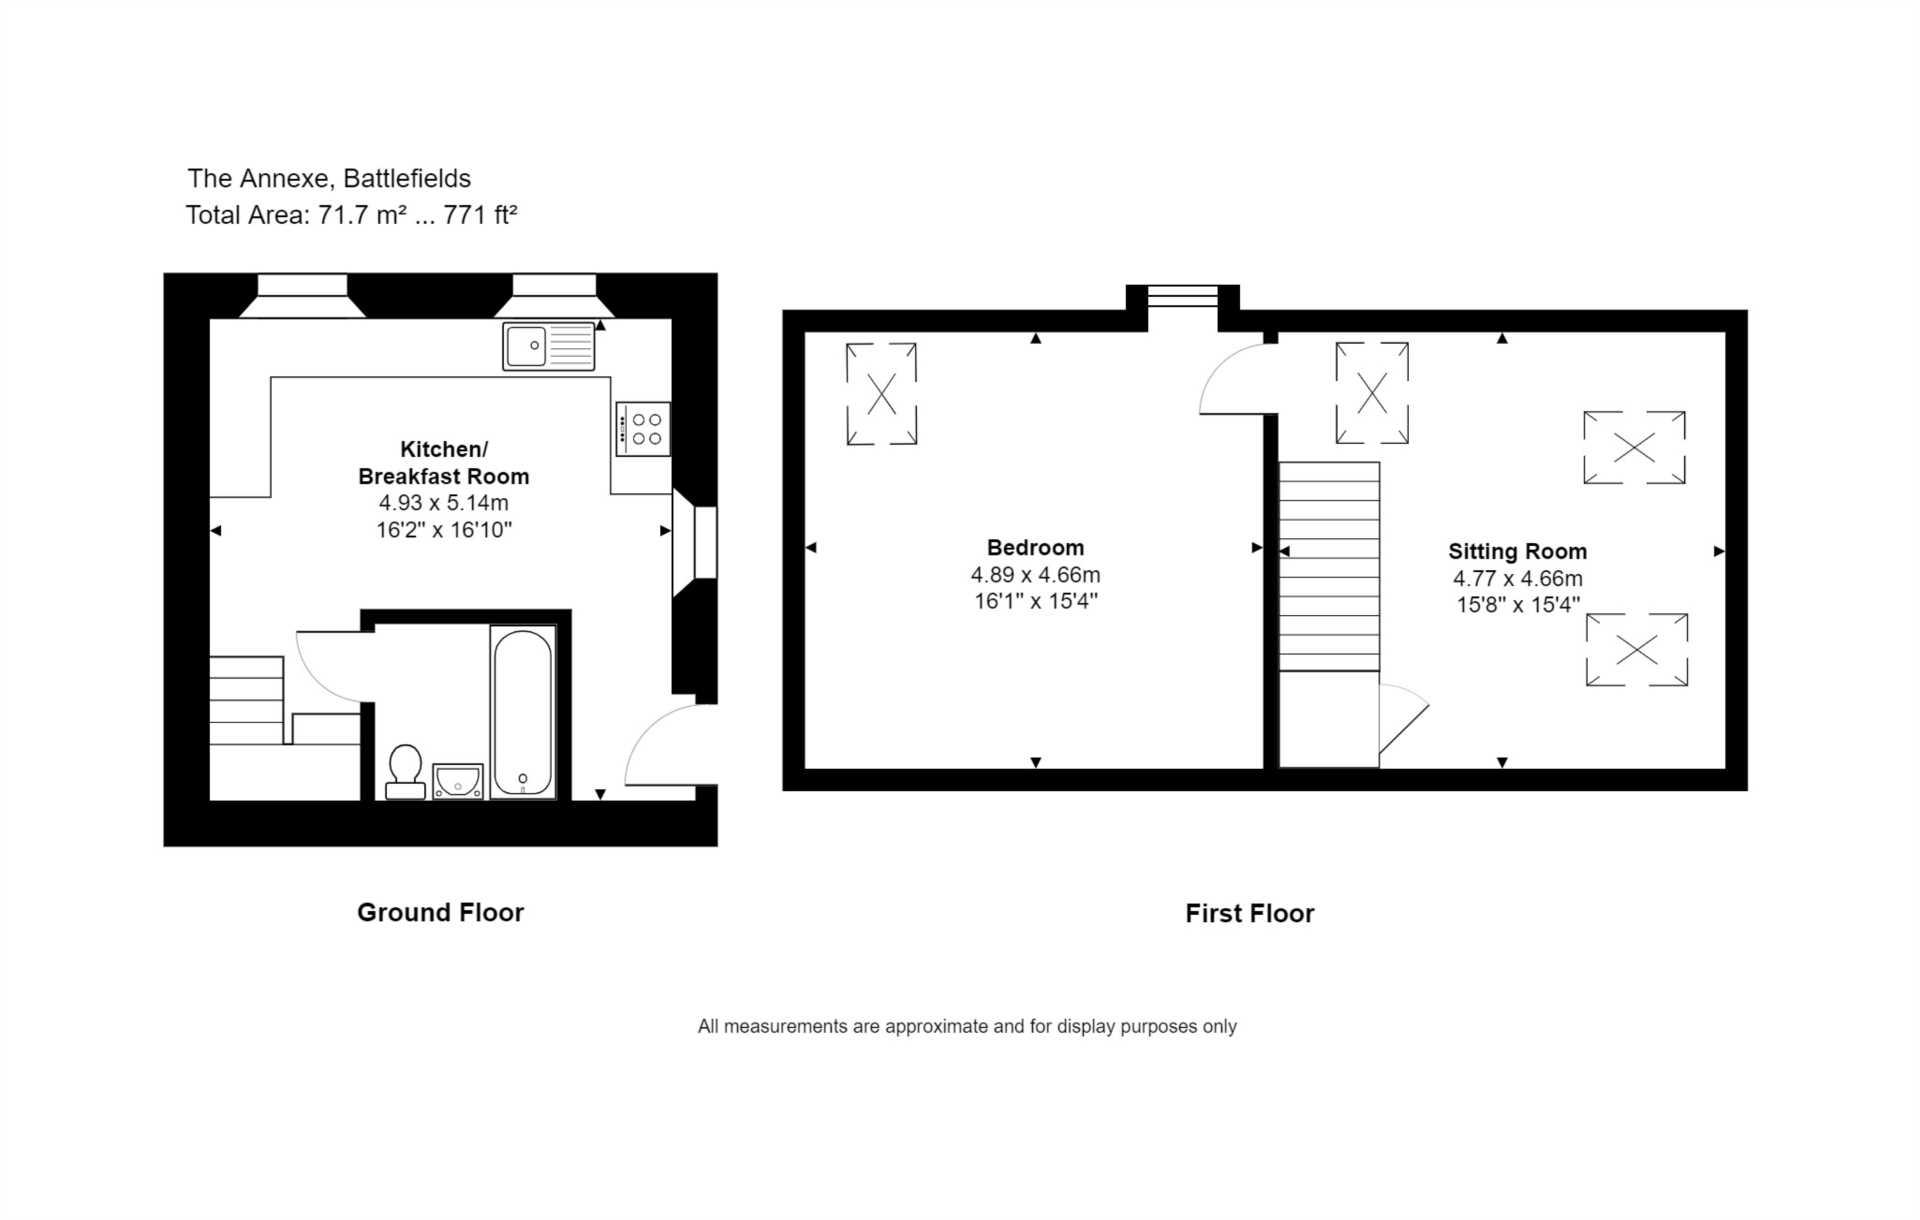 Coach House Estate, Battlefields, Lansdown, Bath, Image 41